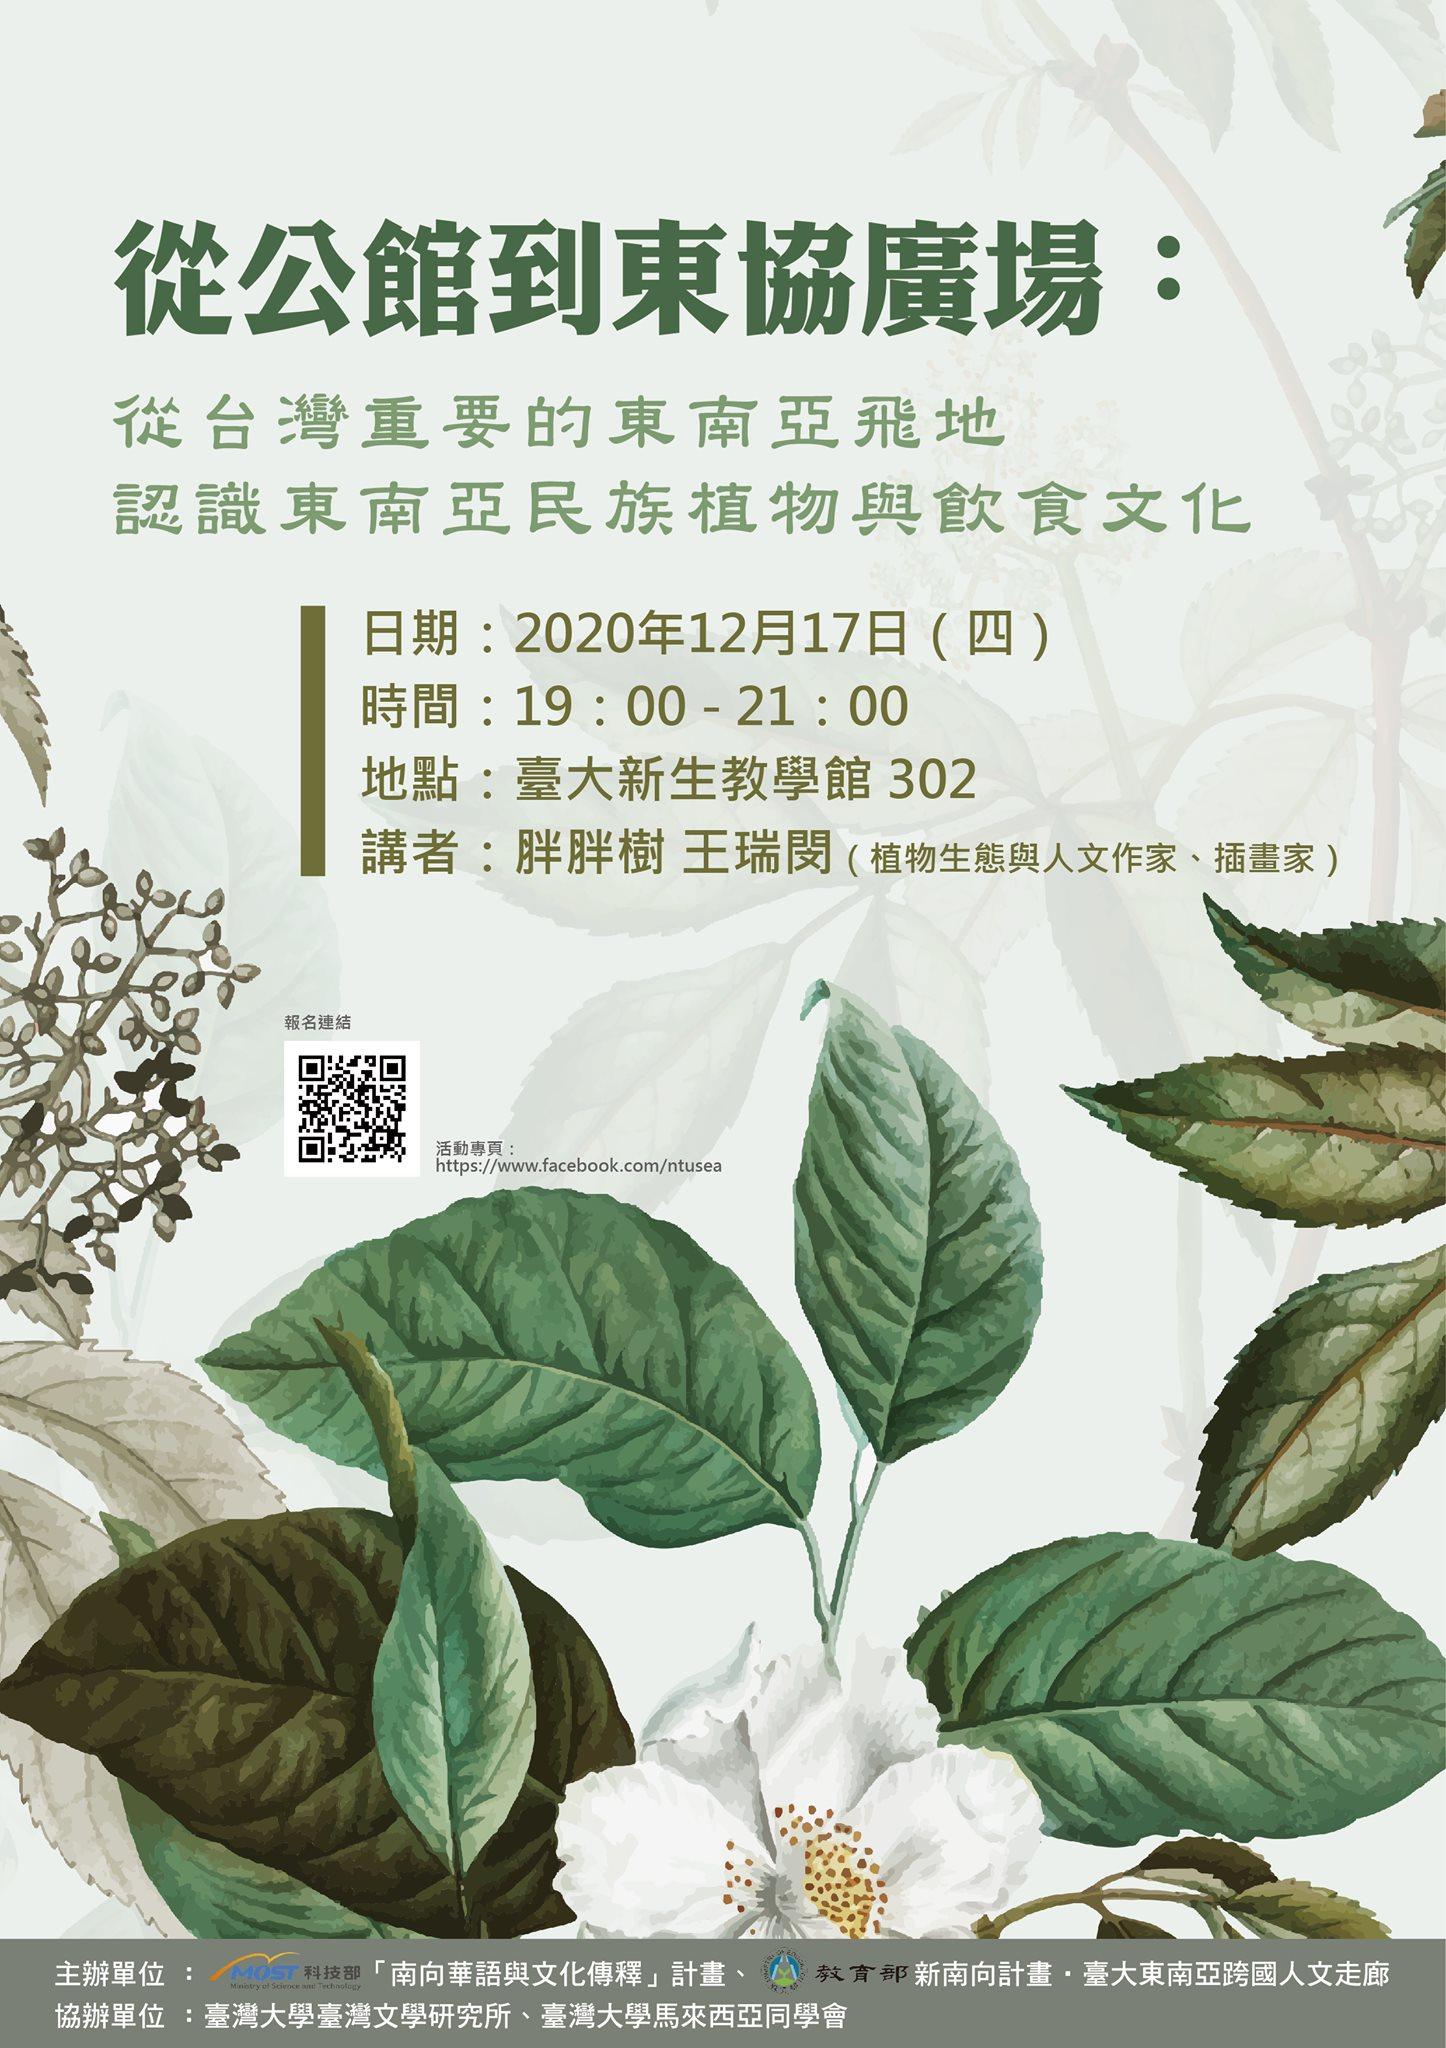 東南亞文史論壇-從公館到東協廣場:從台灣重要的東南亞飛地認識東南亞民族植物與飲食文化的標題圖片